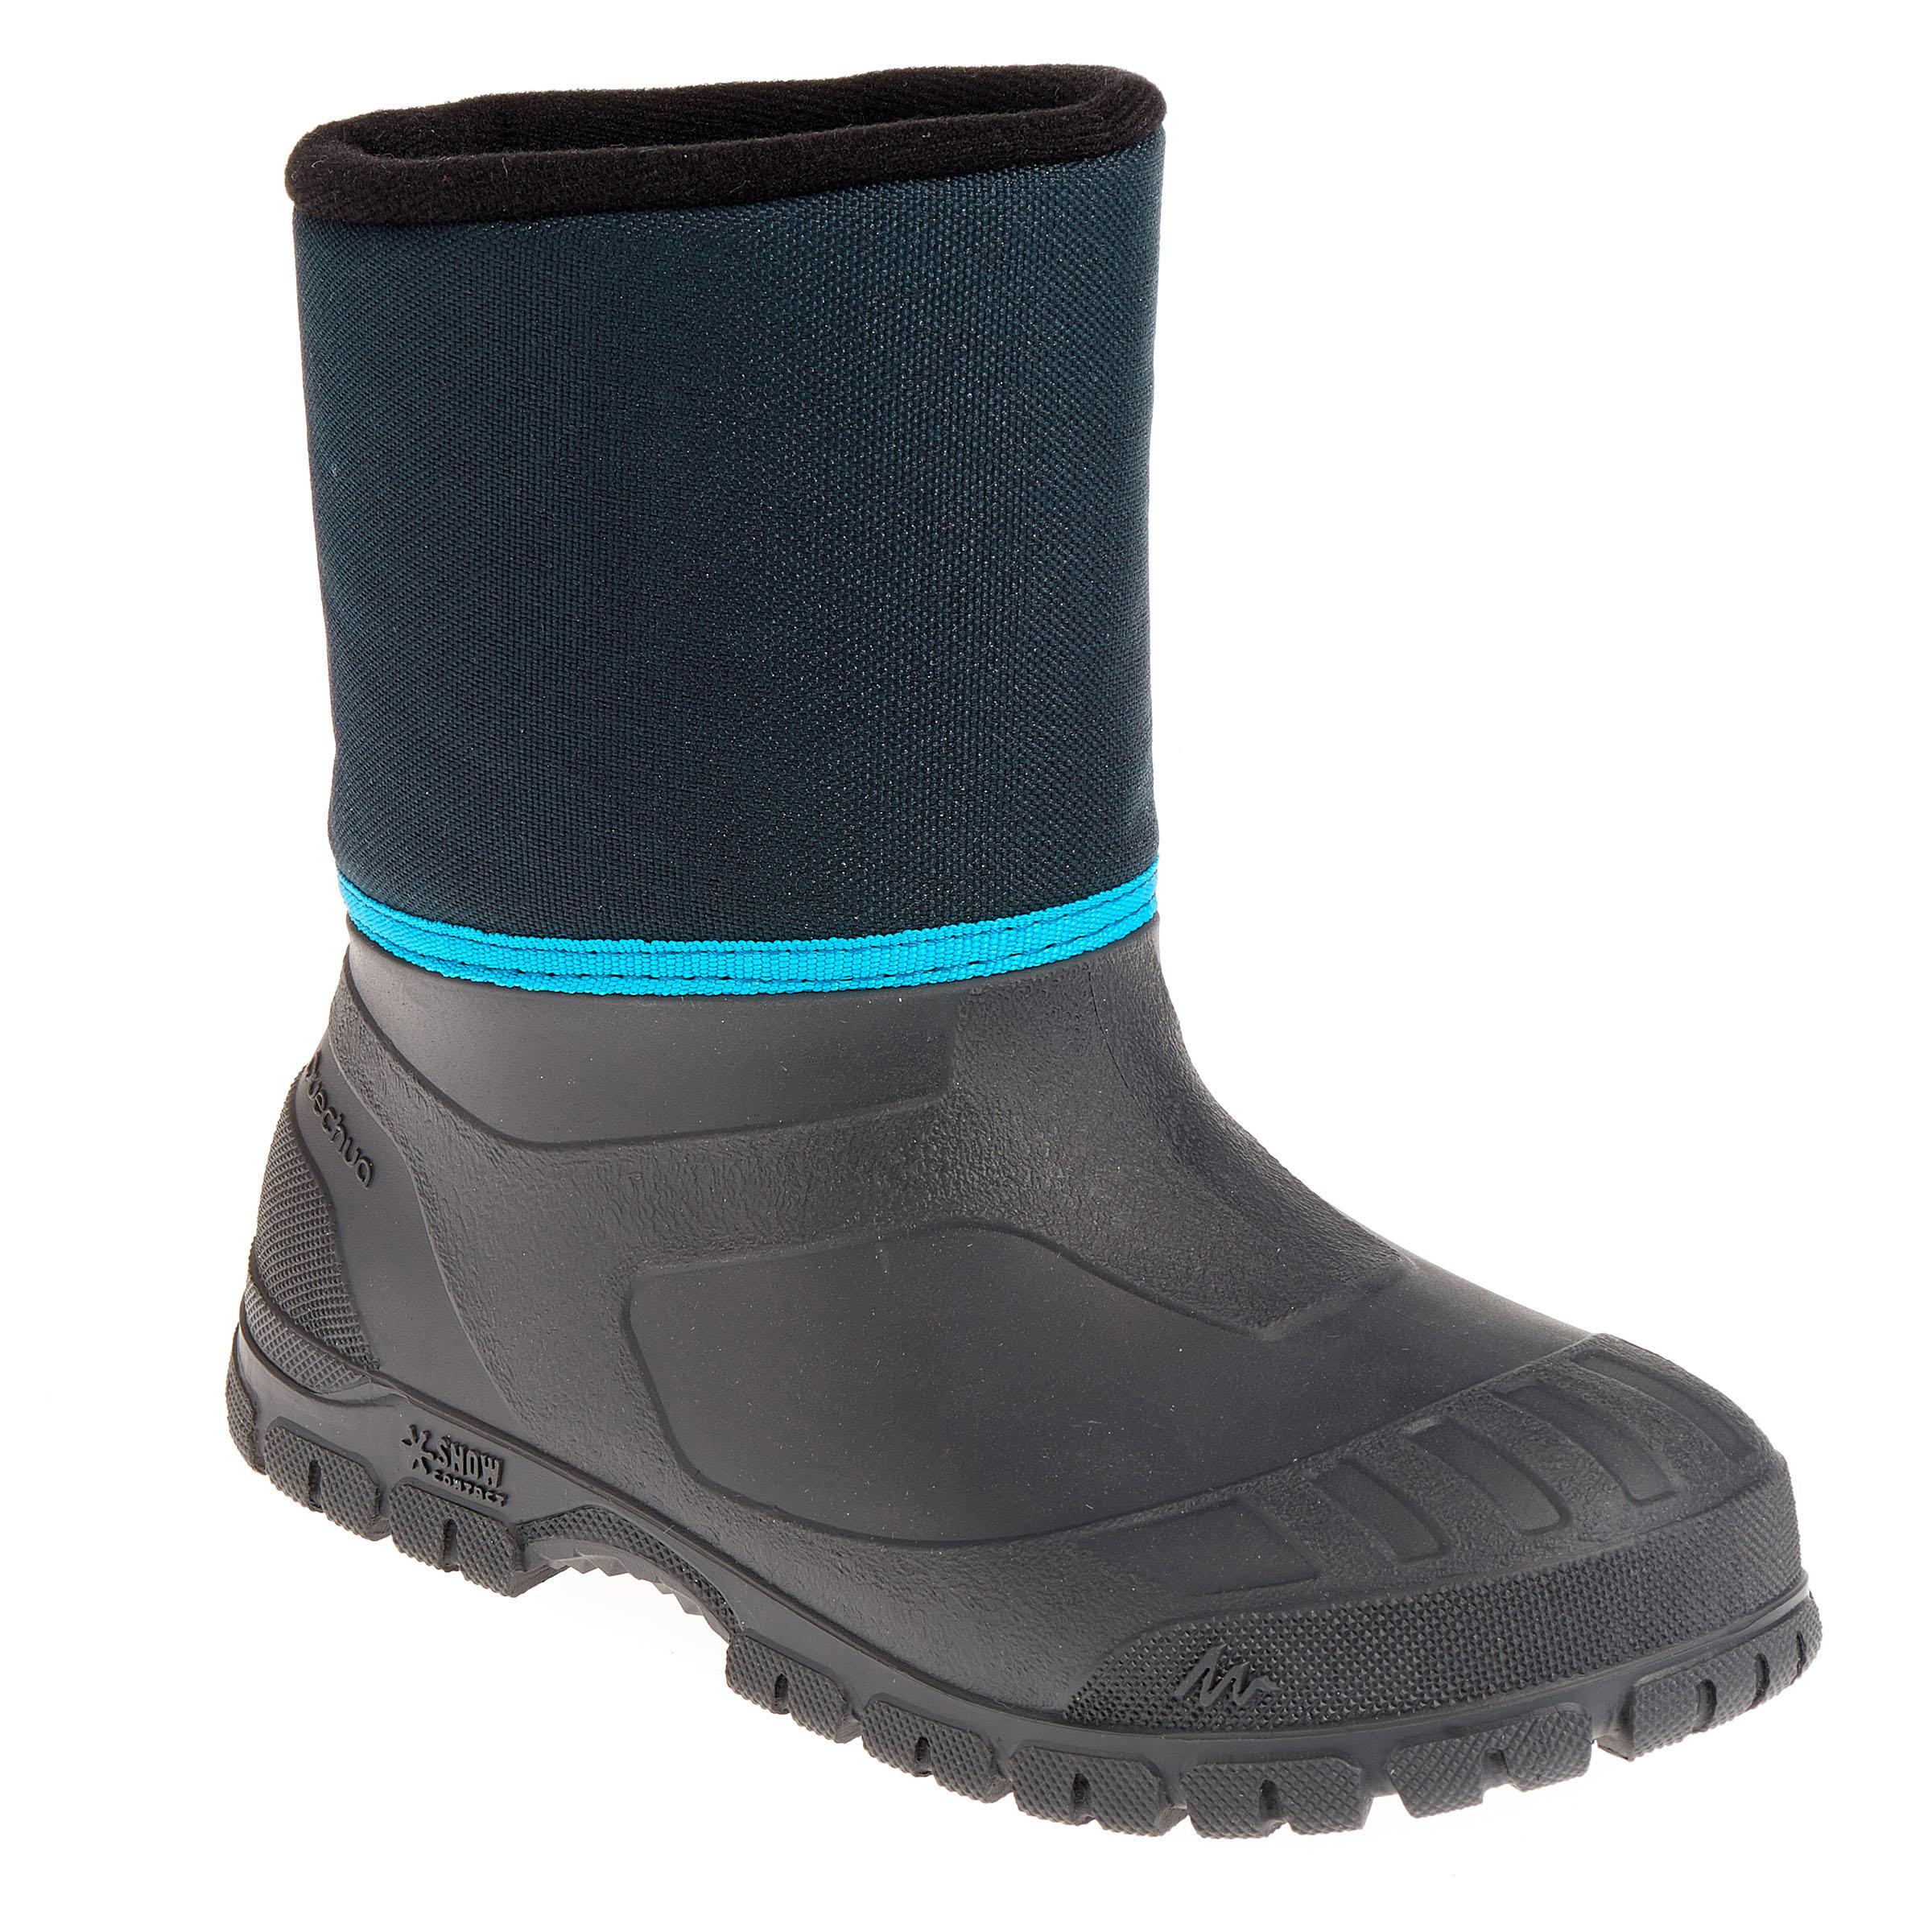 Quechua Wandellaarzen voor de sneeuw kinderen SH100 warm waterdicht thumbnail